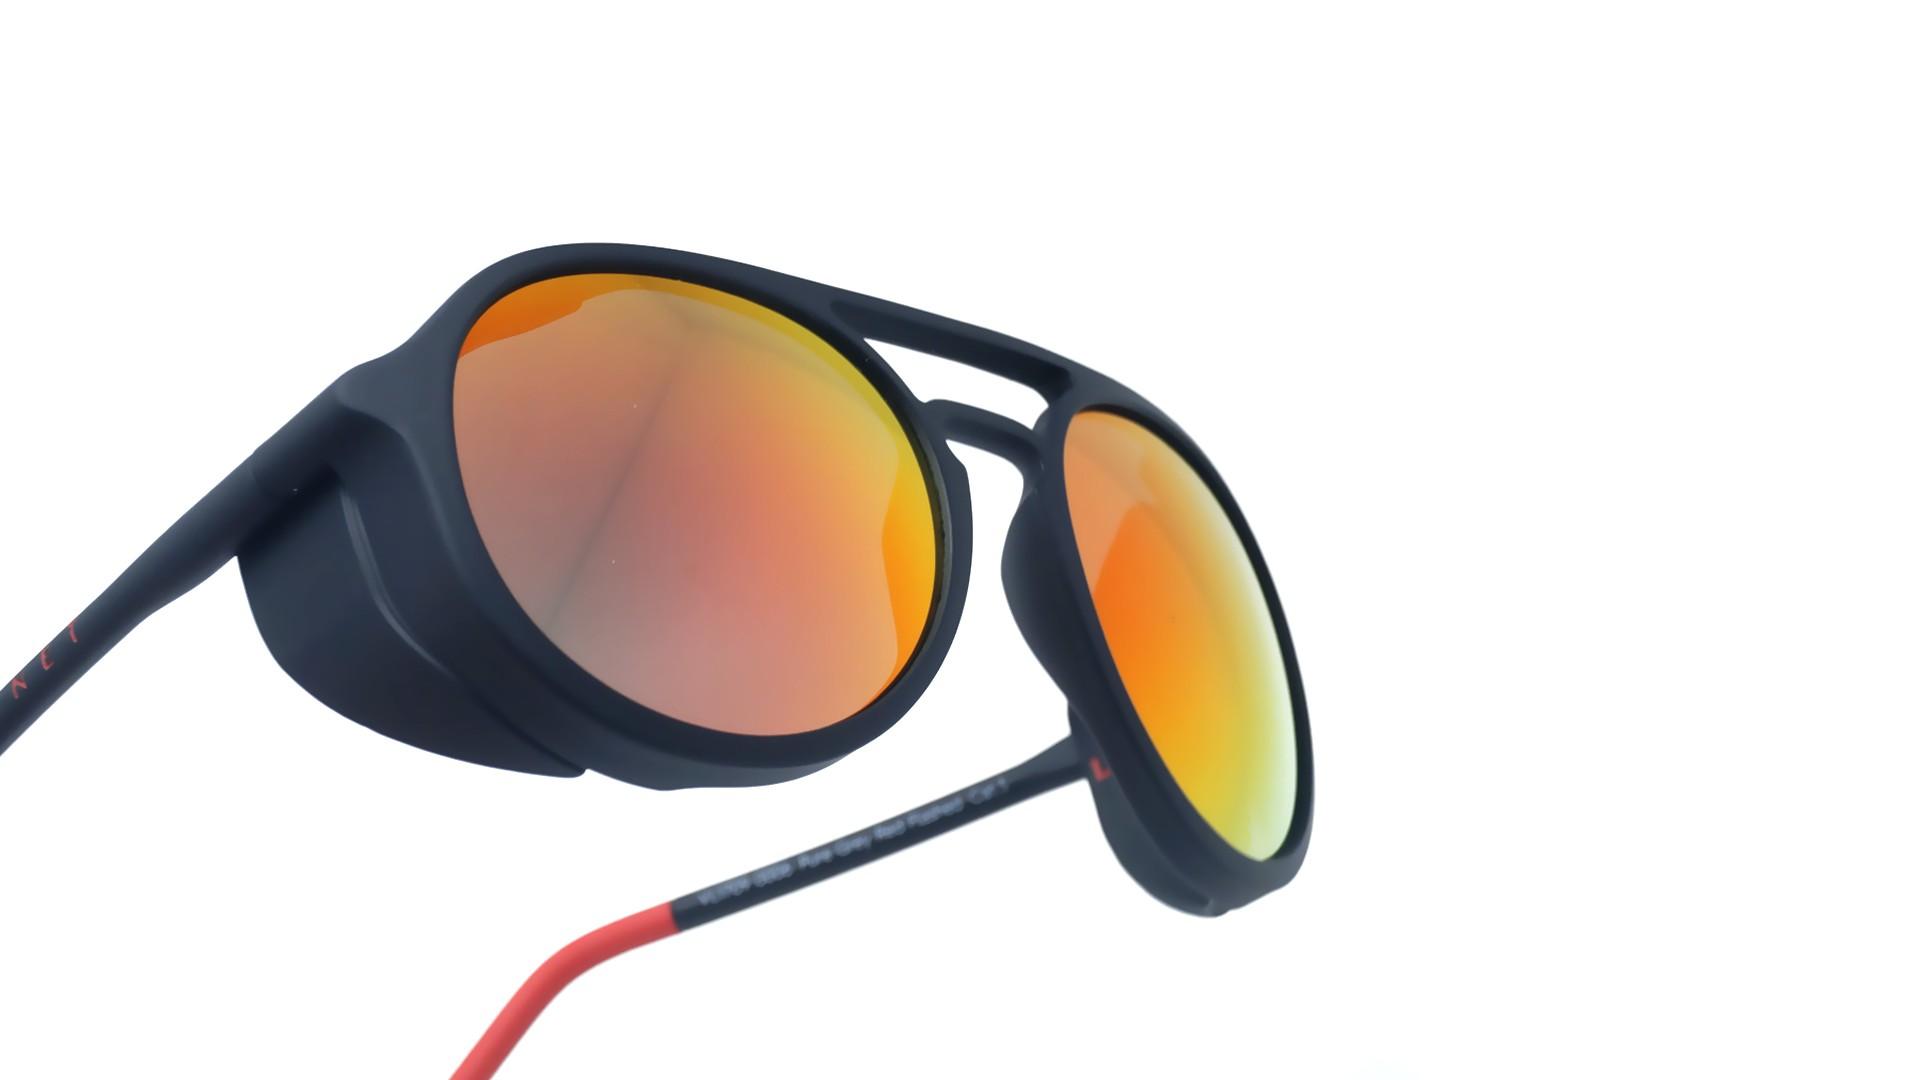 67e8d1f8ce Sunglasses Vuarnet Ice Black Mat VL1709 0006 1121 51-18 Large Flash